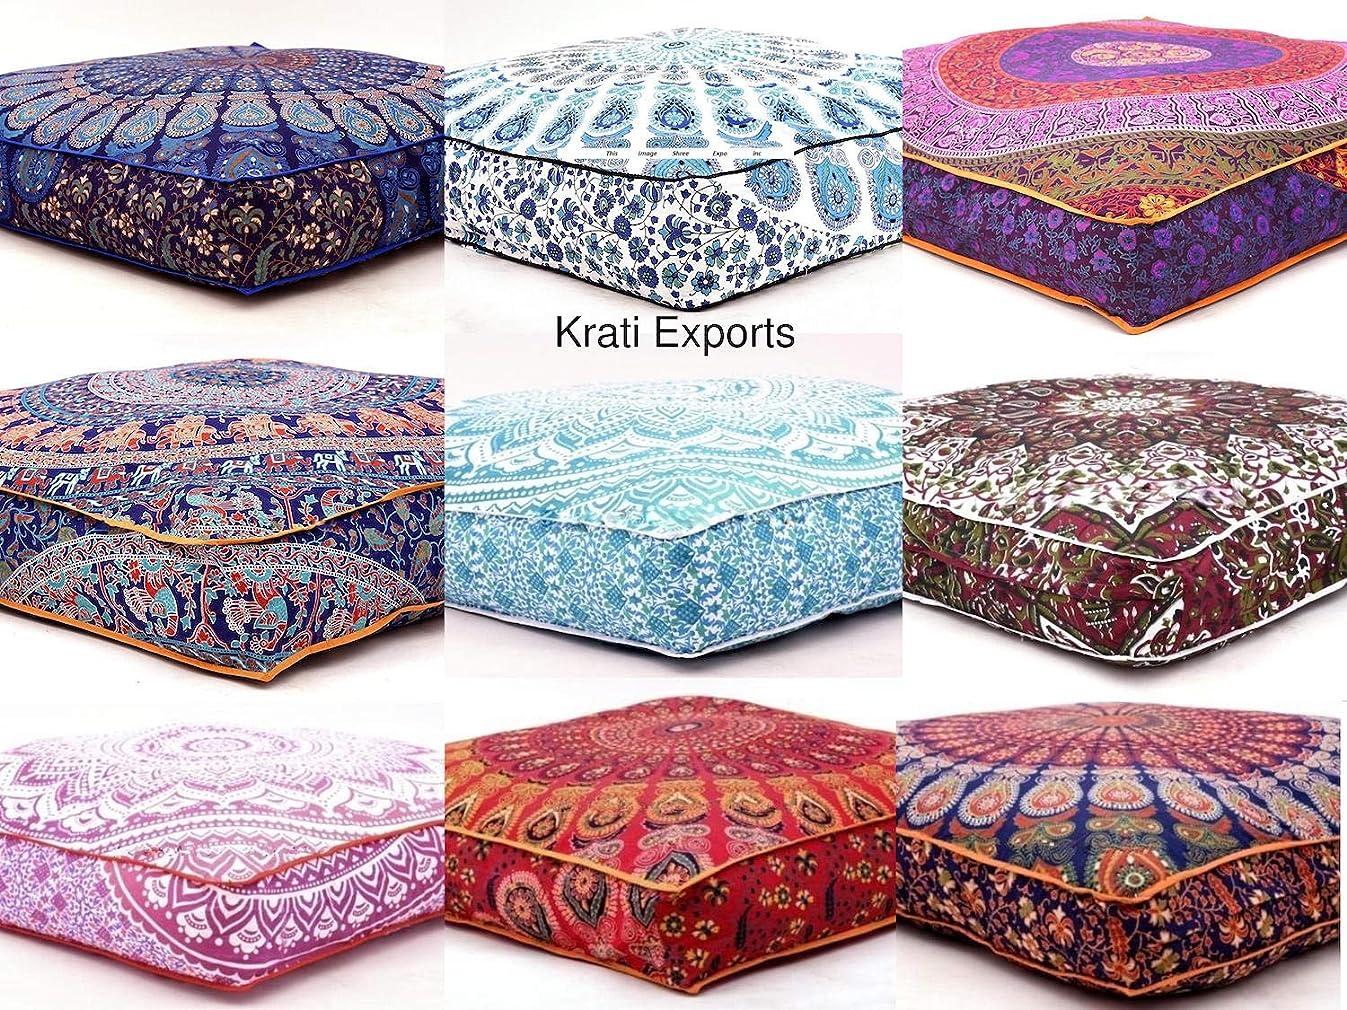 KRATI EXPORTS 5 Pcs Large Mandala Floor Pillows Wholesale Lot Square Indian Cushion Cover 35